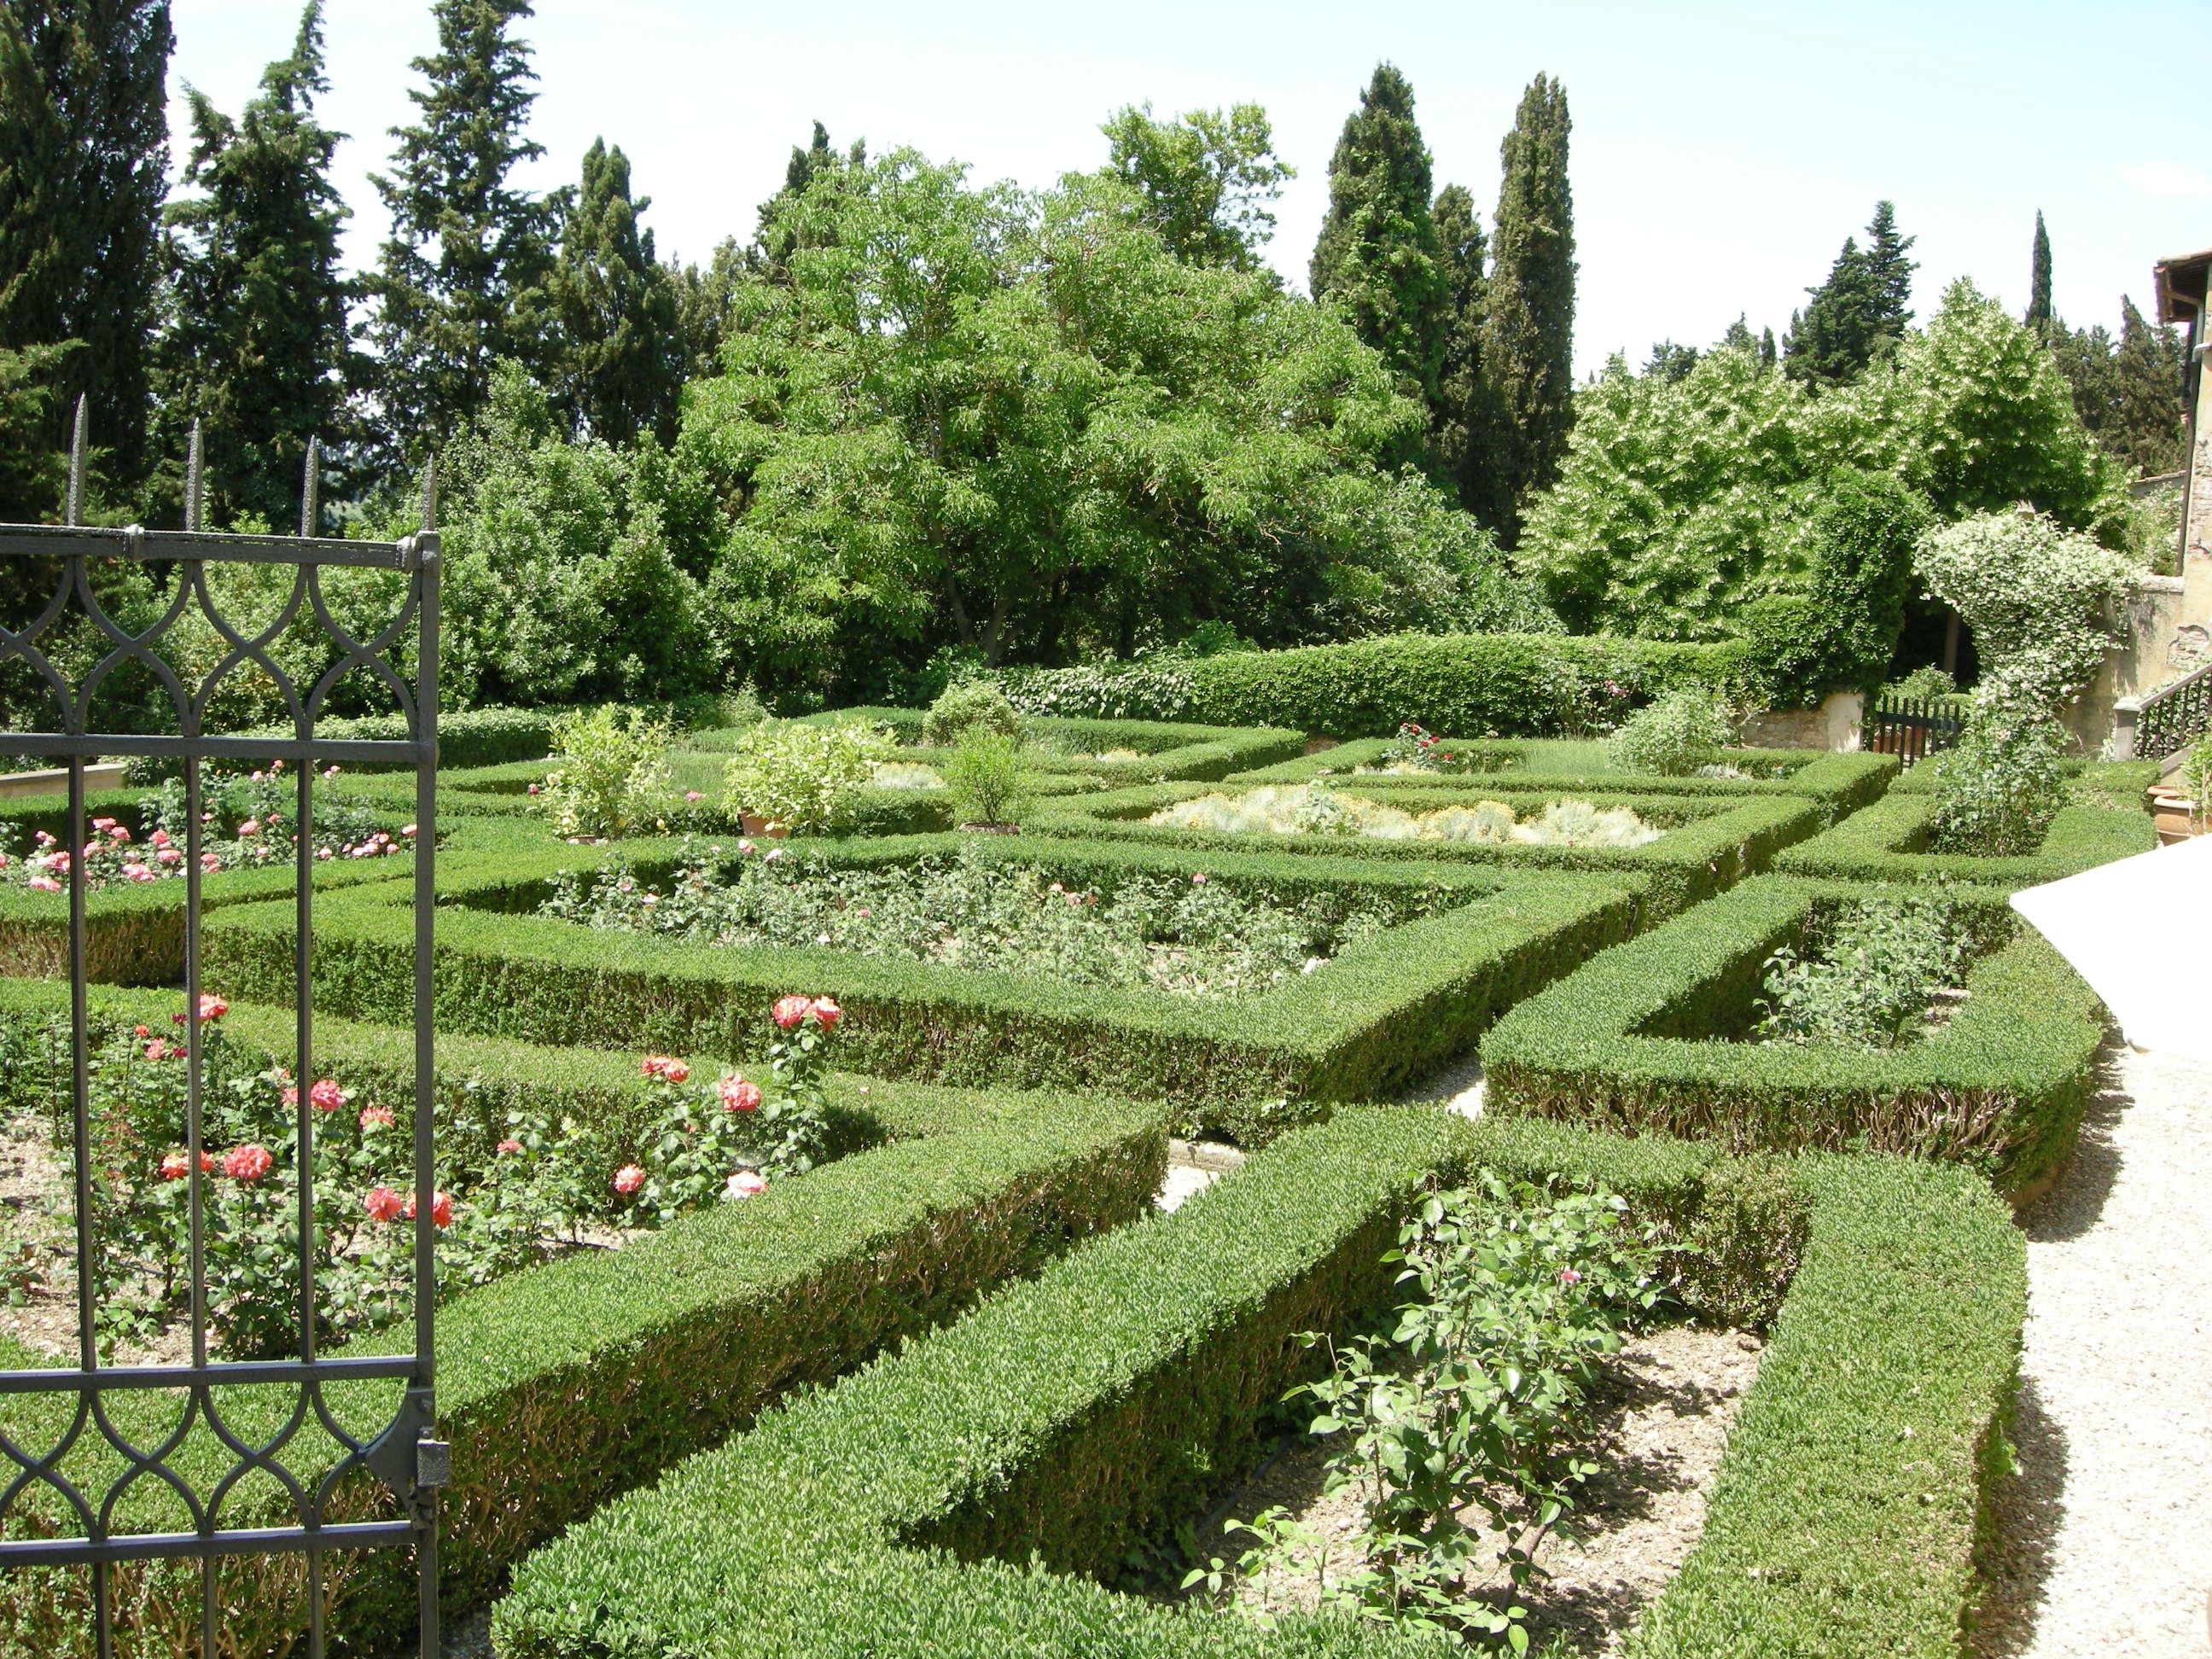 villa baldasseroni - wikipedia - Piccolo Giardino Allitaliana